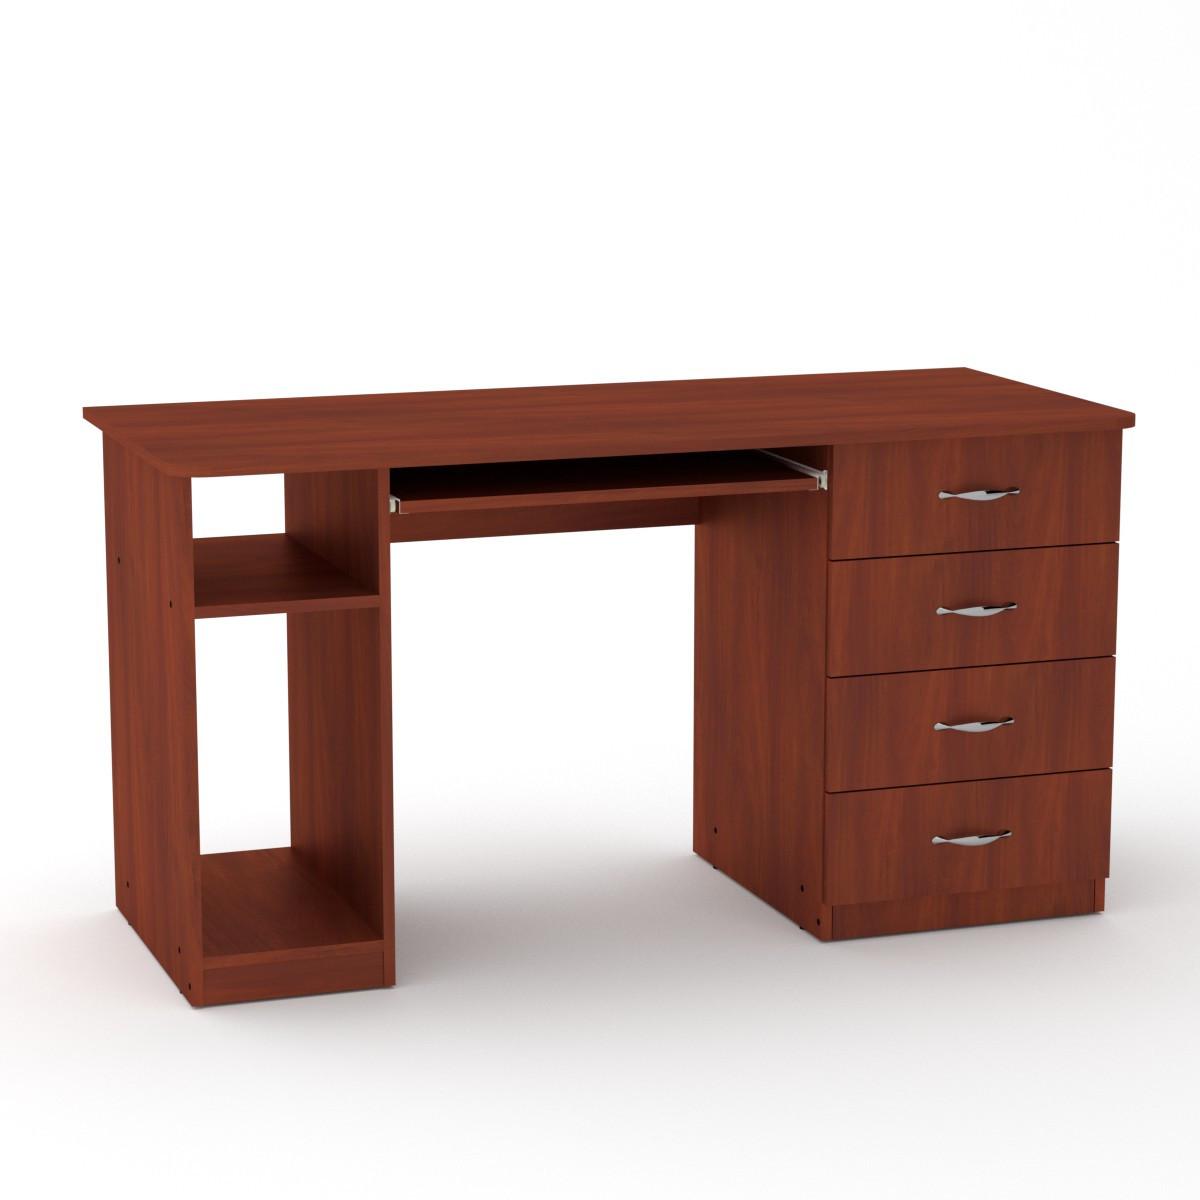 Стол компьютерный СКМ-11 яблоня Компанит (140х60х74 см)